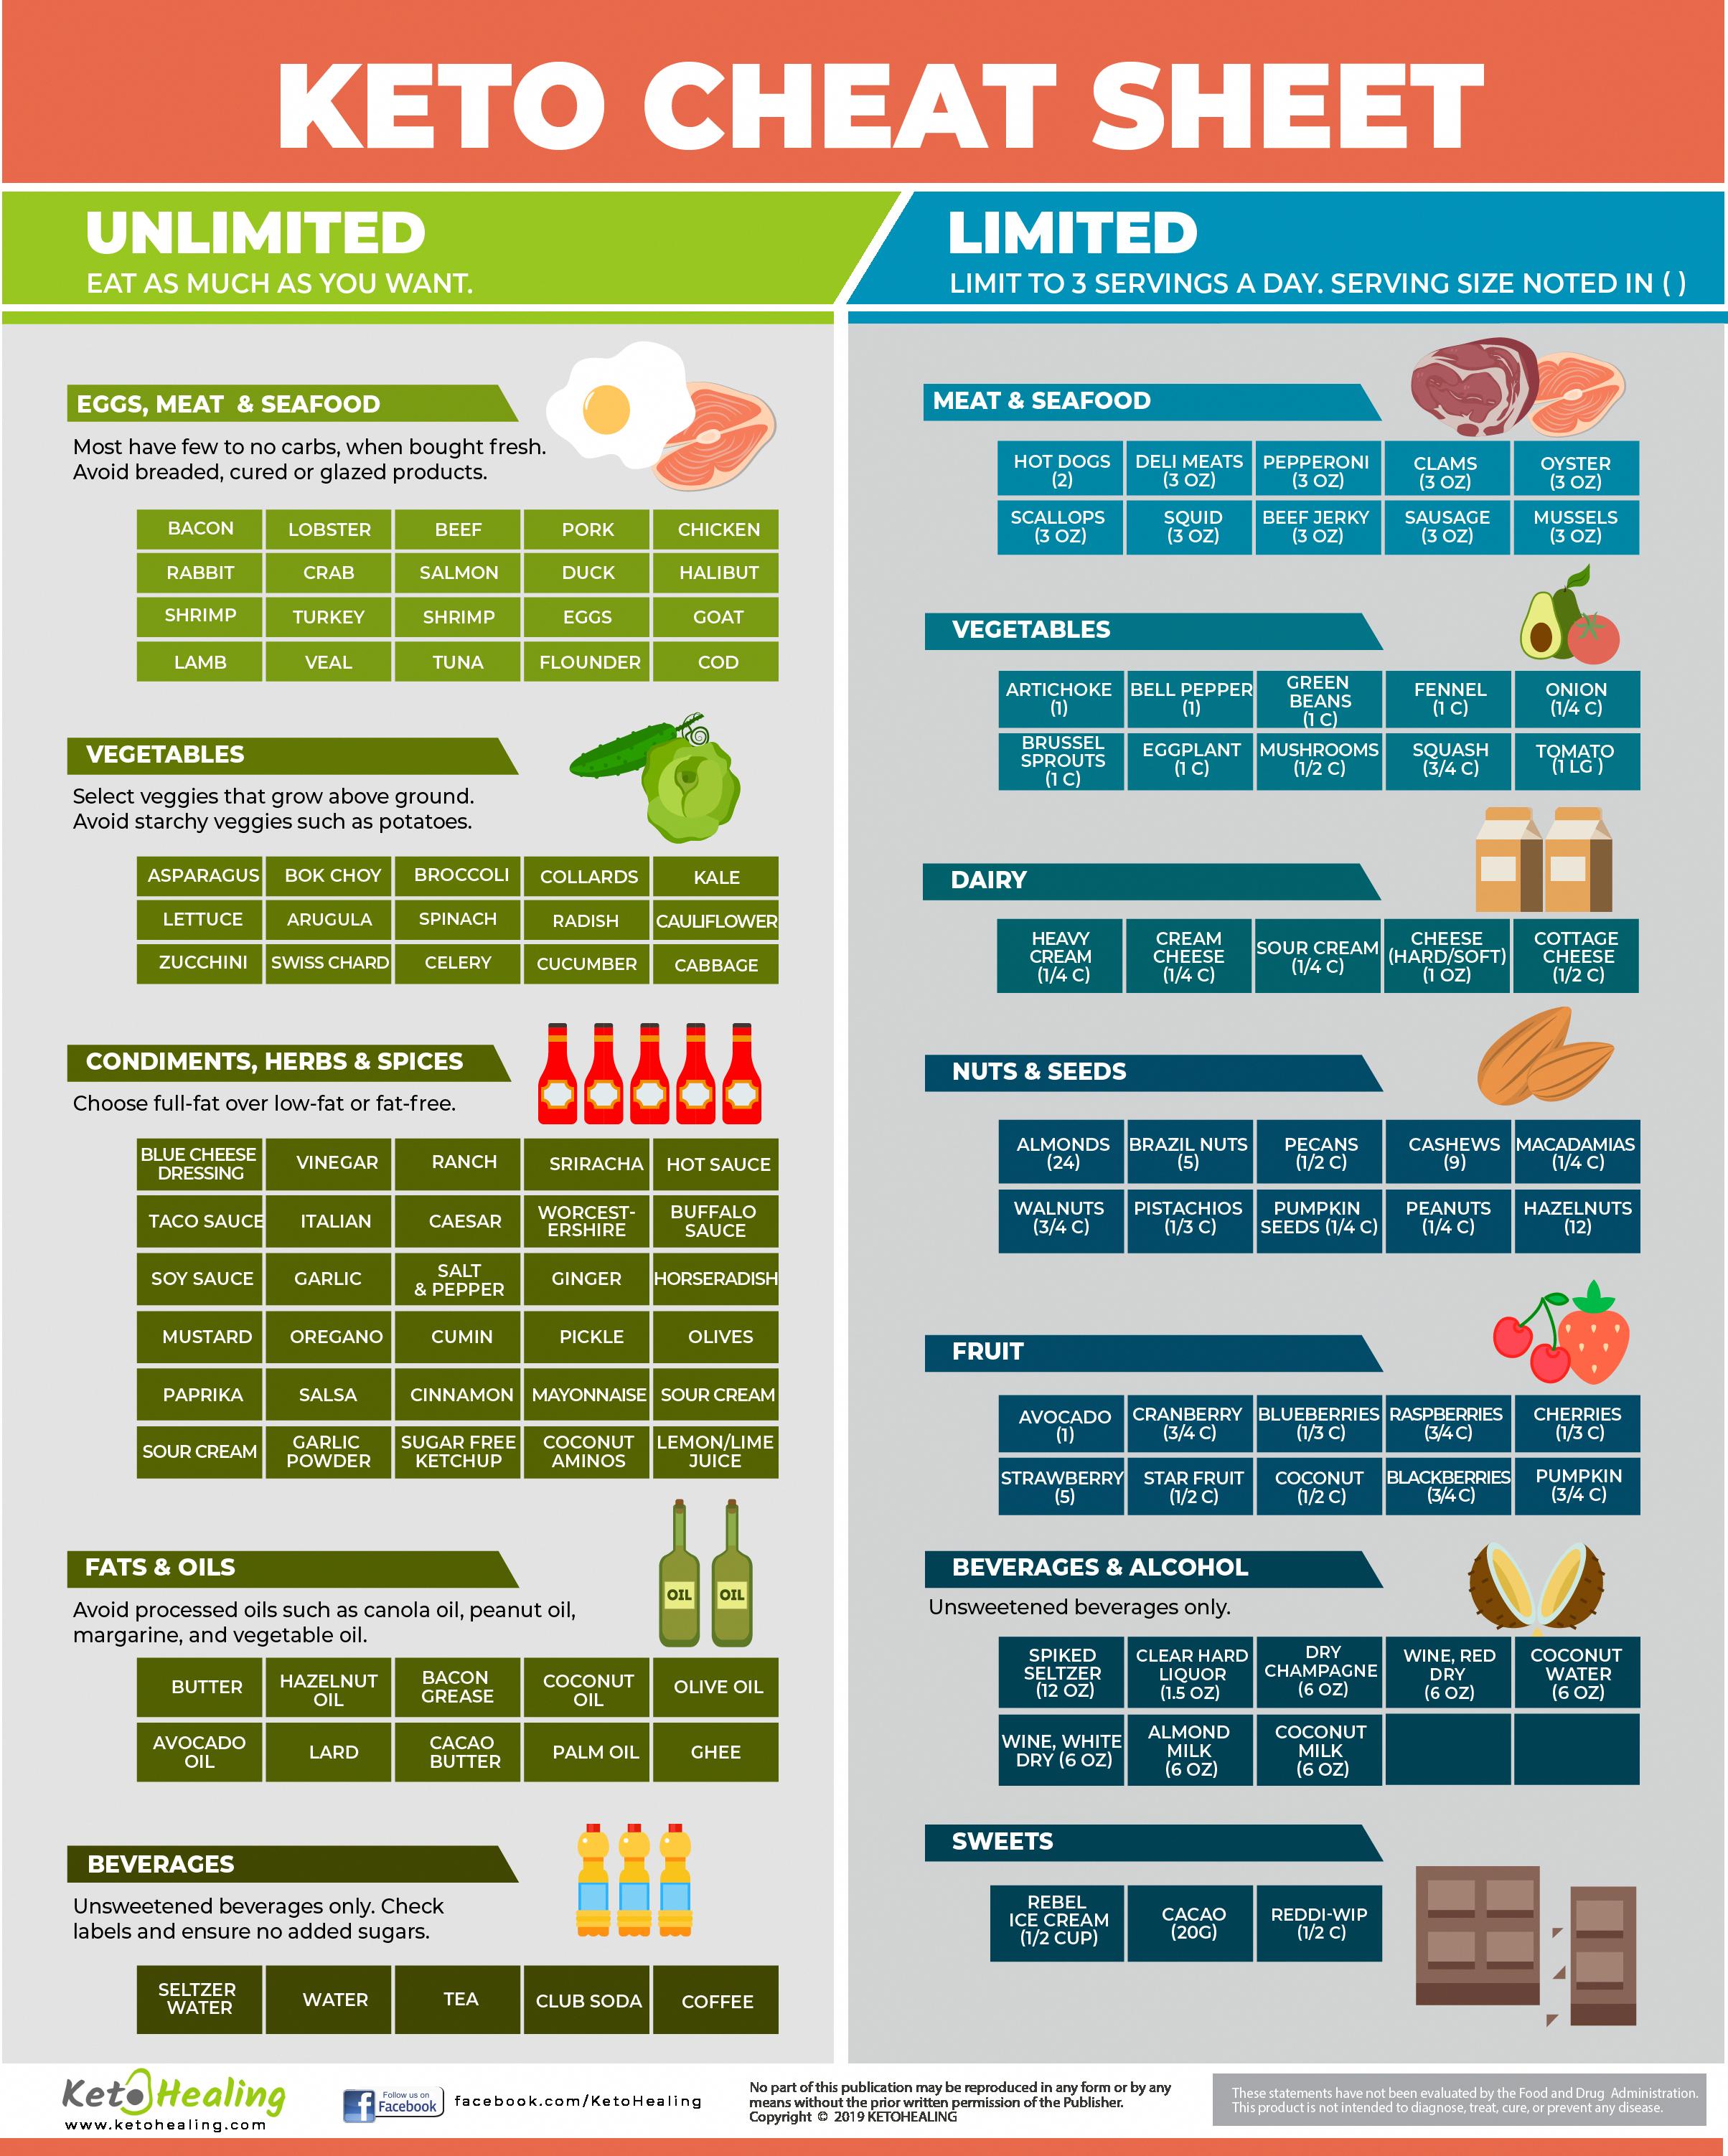 Keto Diet Food List, Keto Food List, Keto Grocery